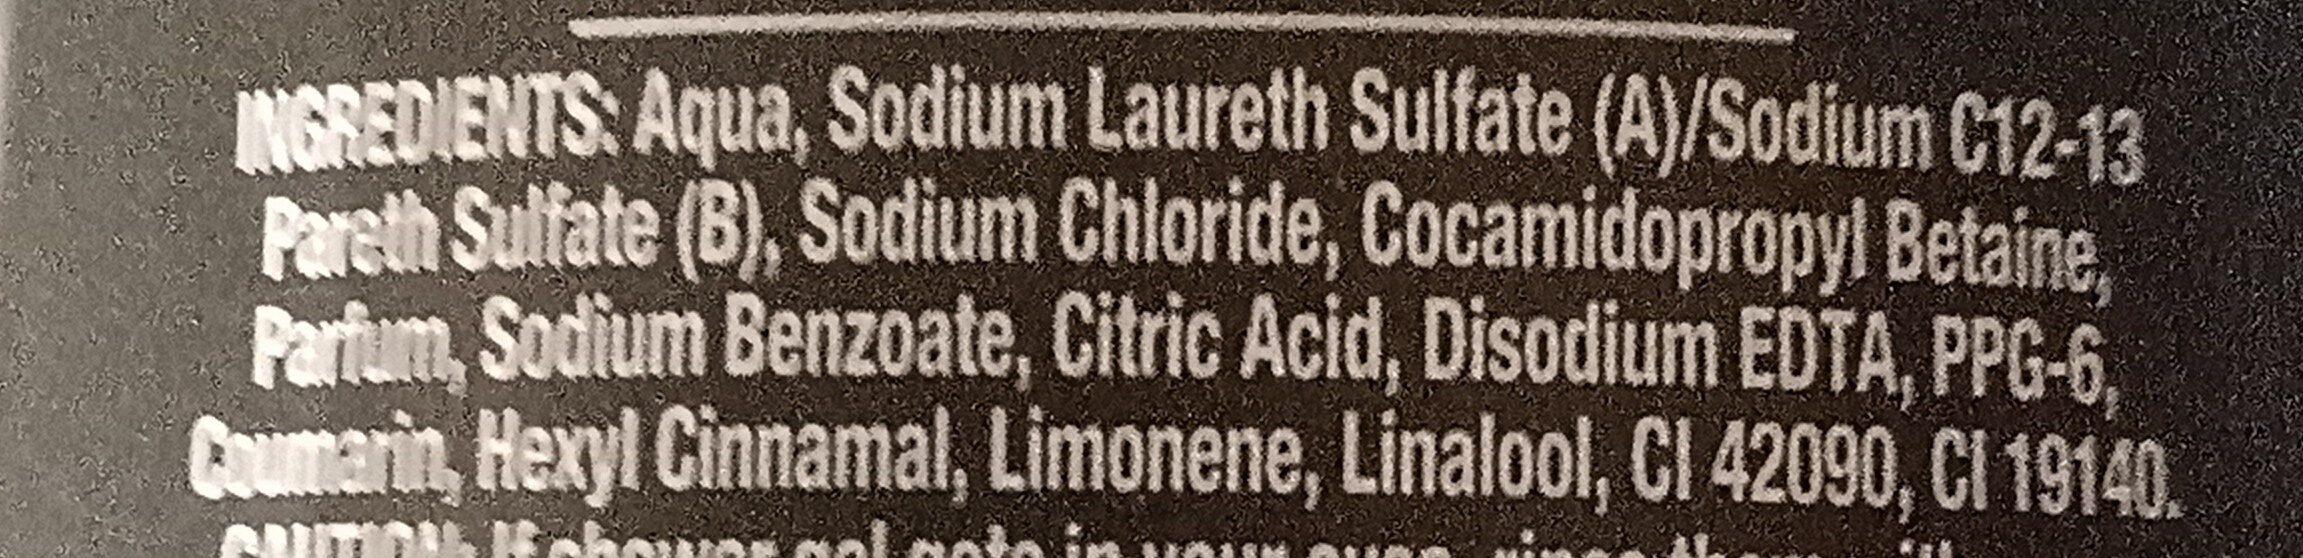 Lynx - Ingredients - en